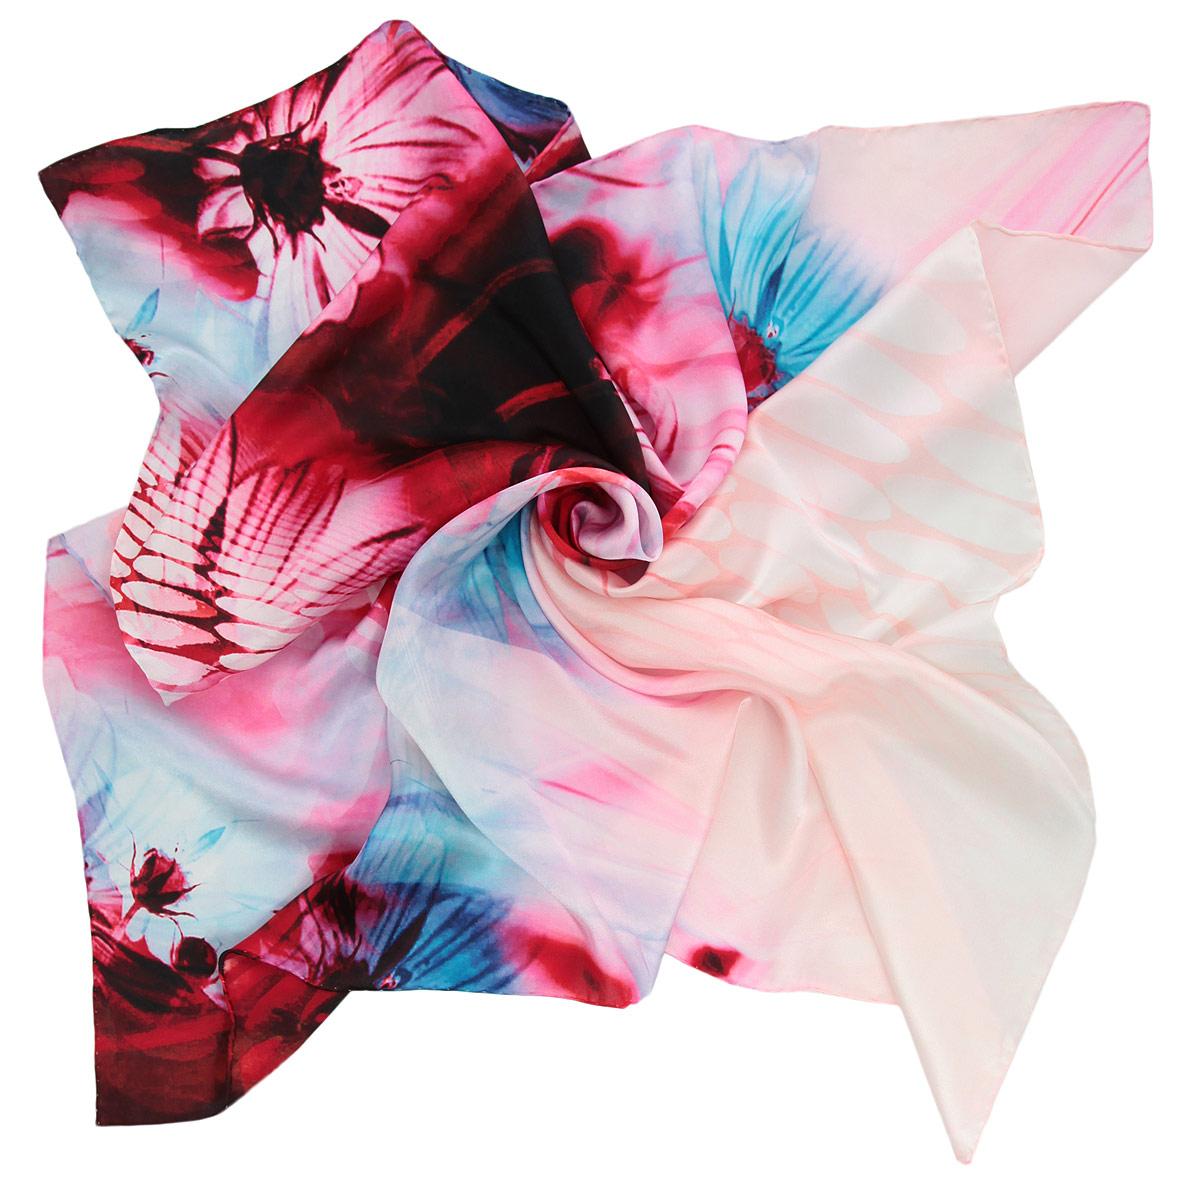 Платок женский. 18021291802129-04 ПлатокВеликолепный платок Venera подчеркнет ваш неповторимый образ. Изделие выполнено из натурального шелка и оформлено цветочным принтом. Края платка обработаны вручную. Этот модный аксессуар женского гардероба гармонично дополнит образ современной женщины, следящей за своим имиджем и стремящейся всегда оставаться стильной и элегантной.